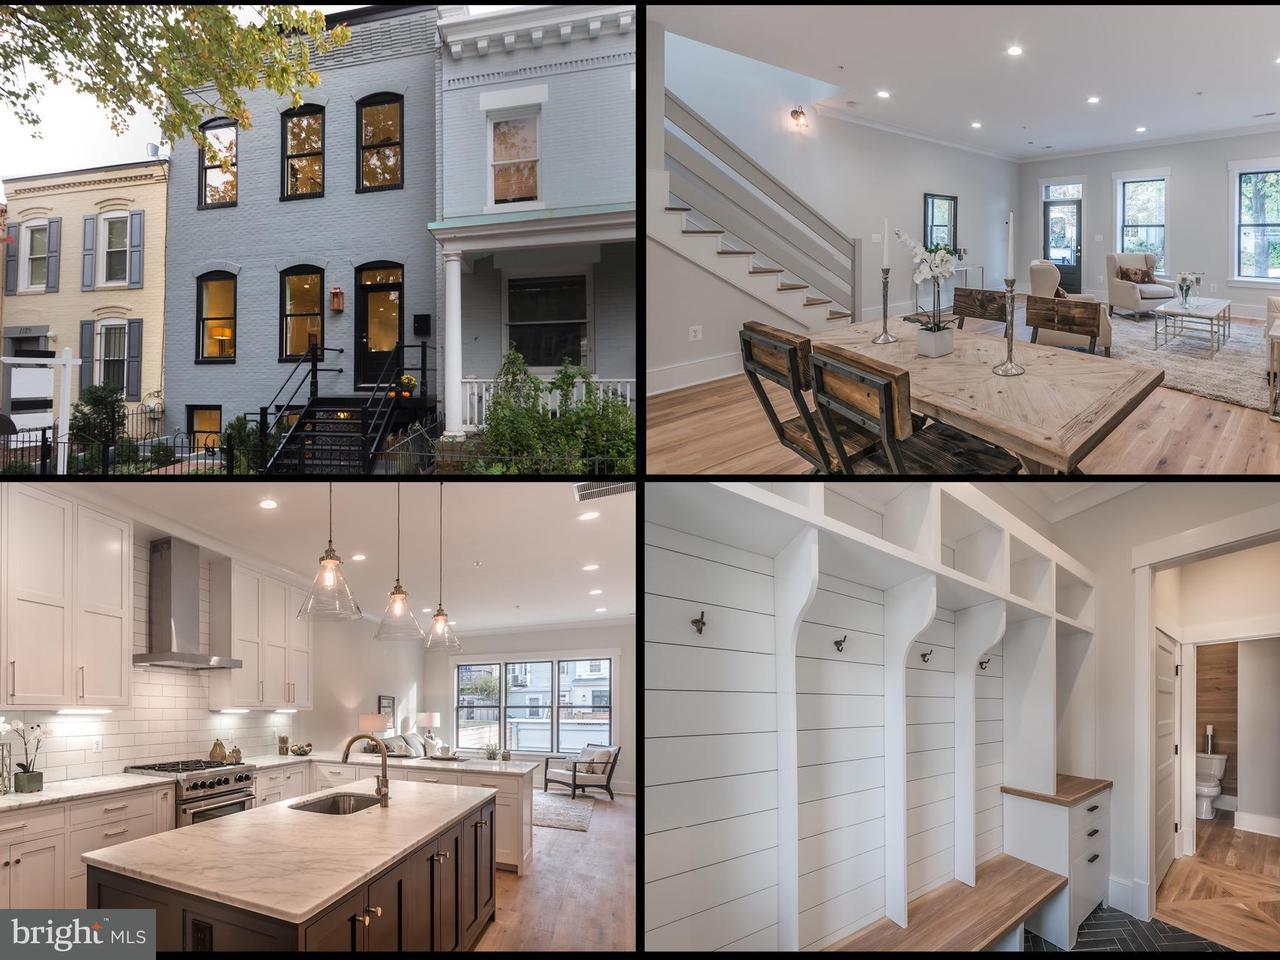 獨棟家庭住宅 為 出售 在 1127 C ST NE 1127 C ST NE Washington, 哥倫比亞特區 20002 美國